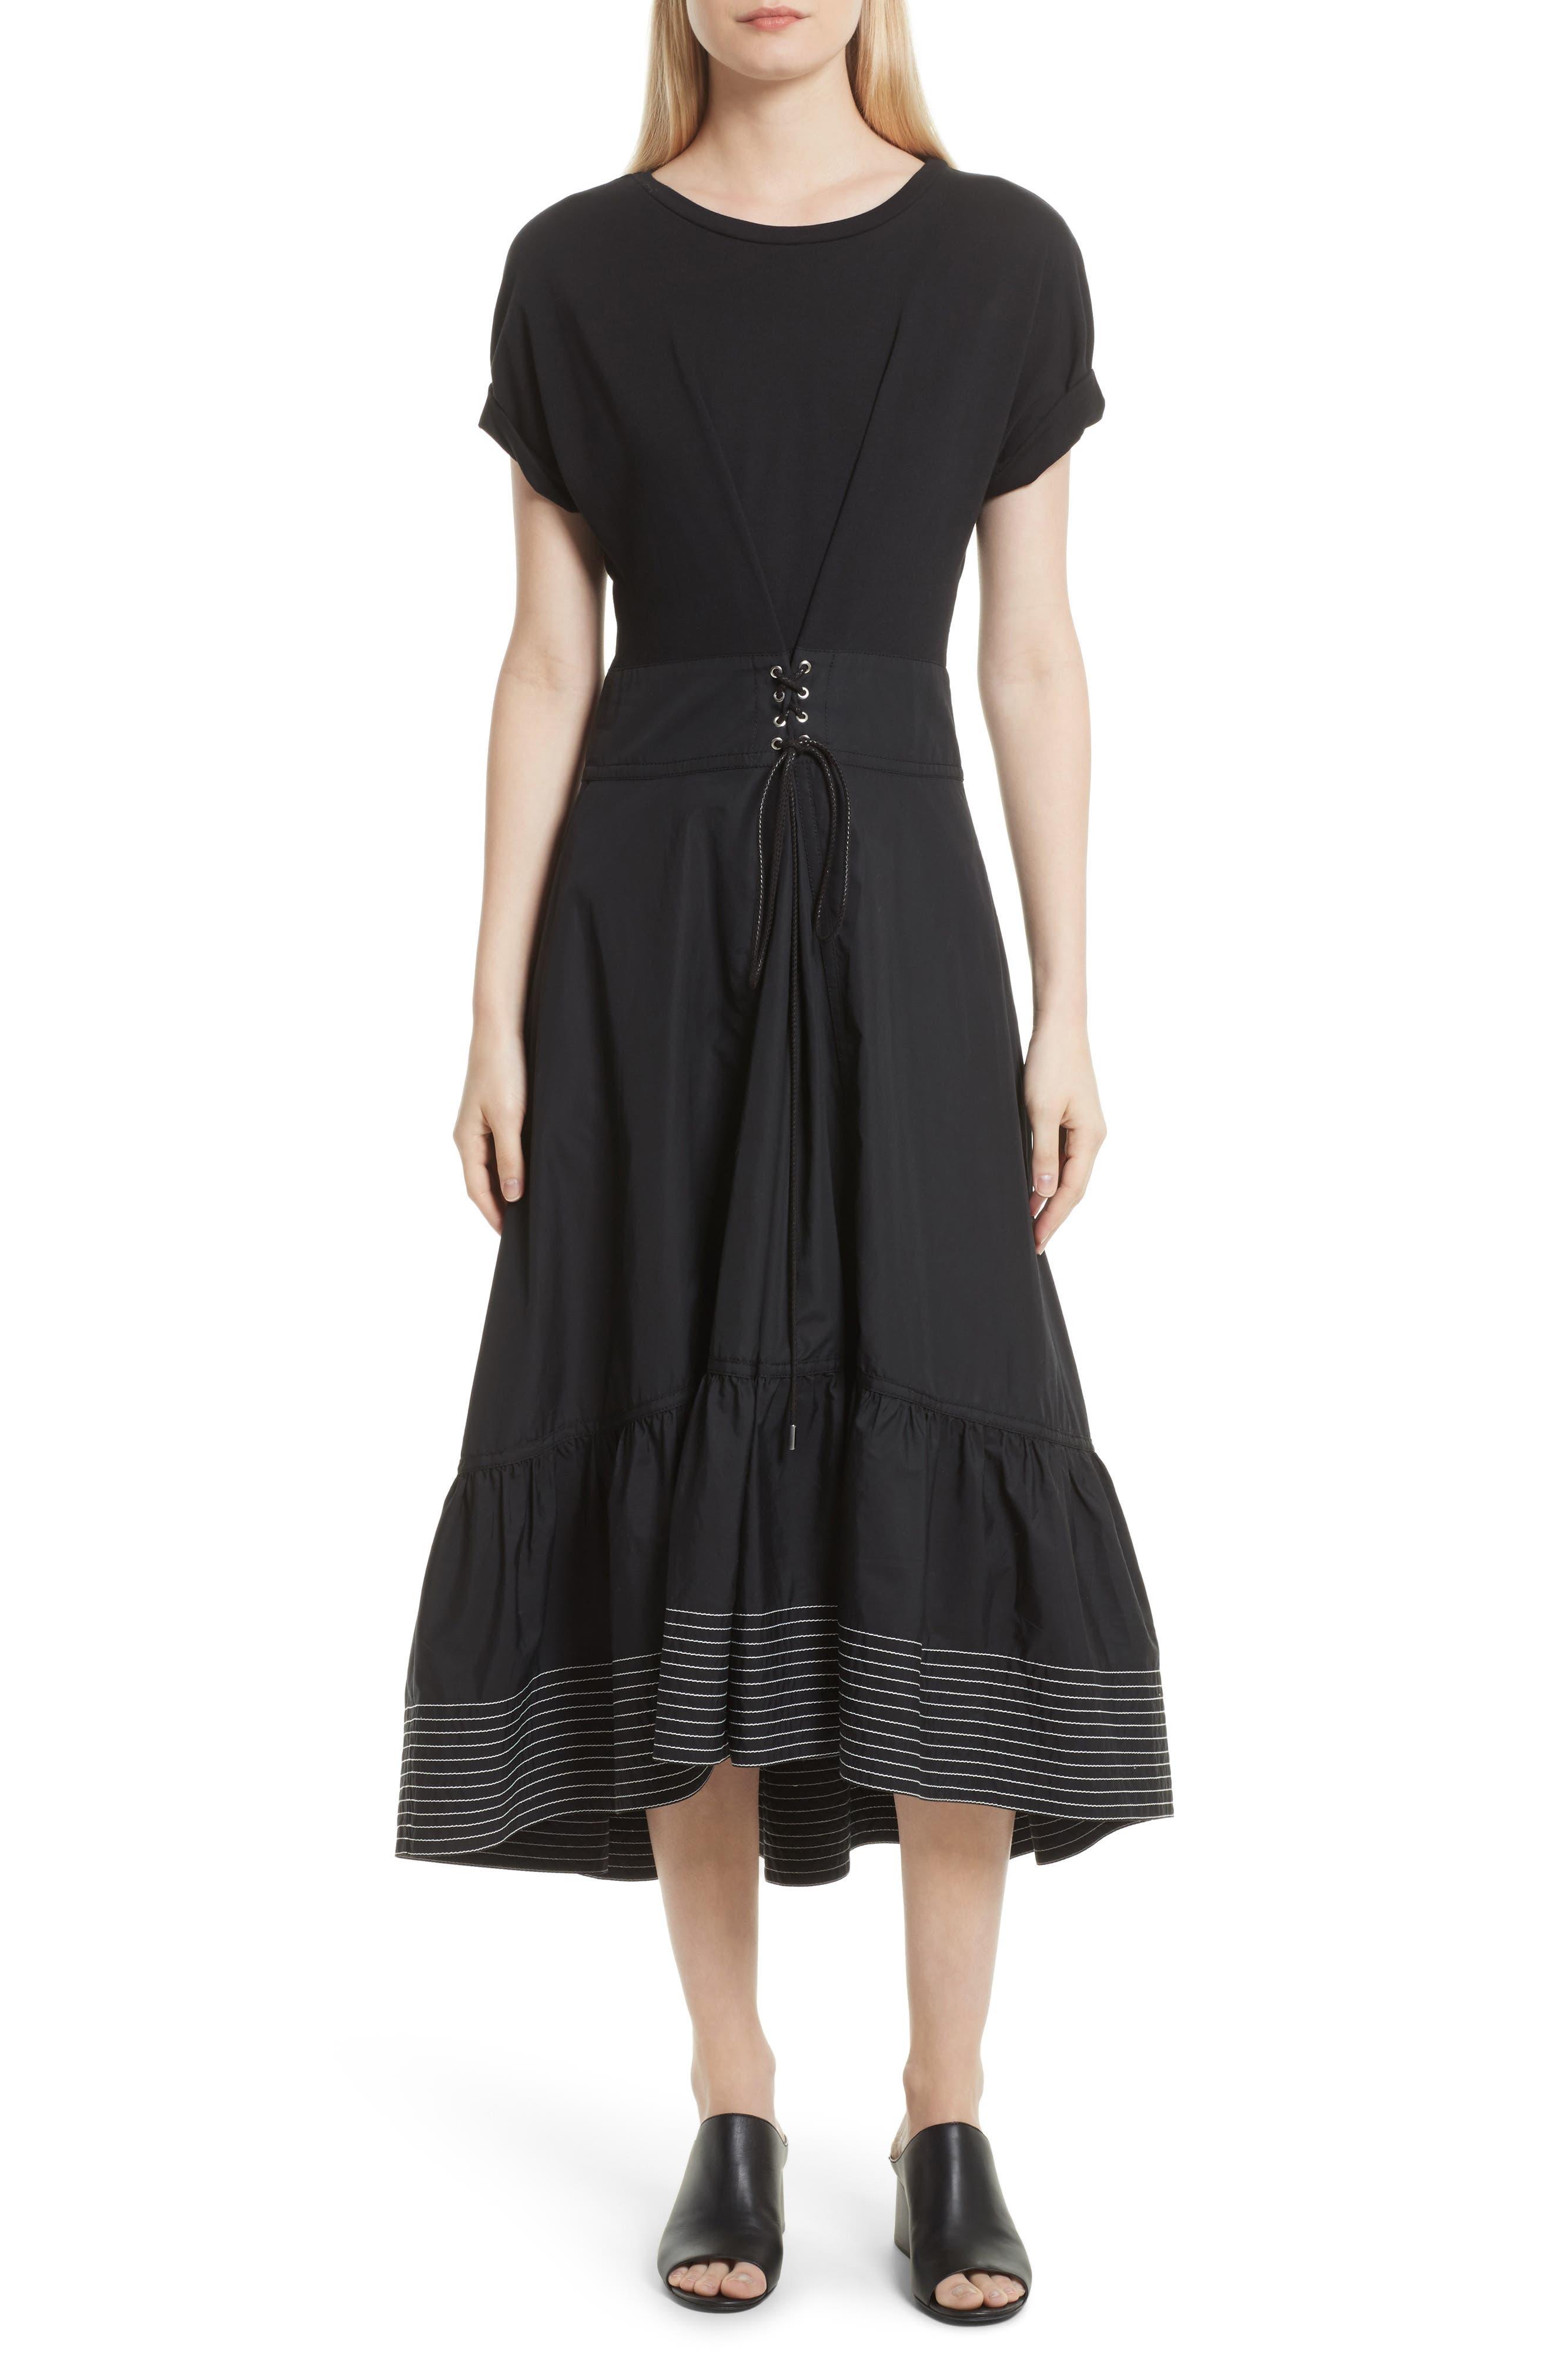 3.1 Phillip Lim Corset Waist Dress